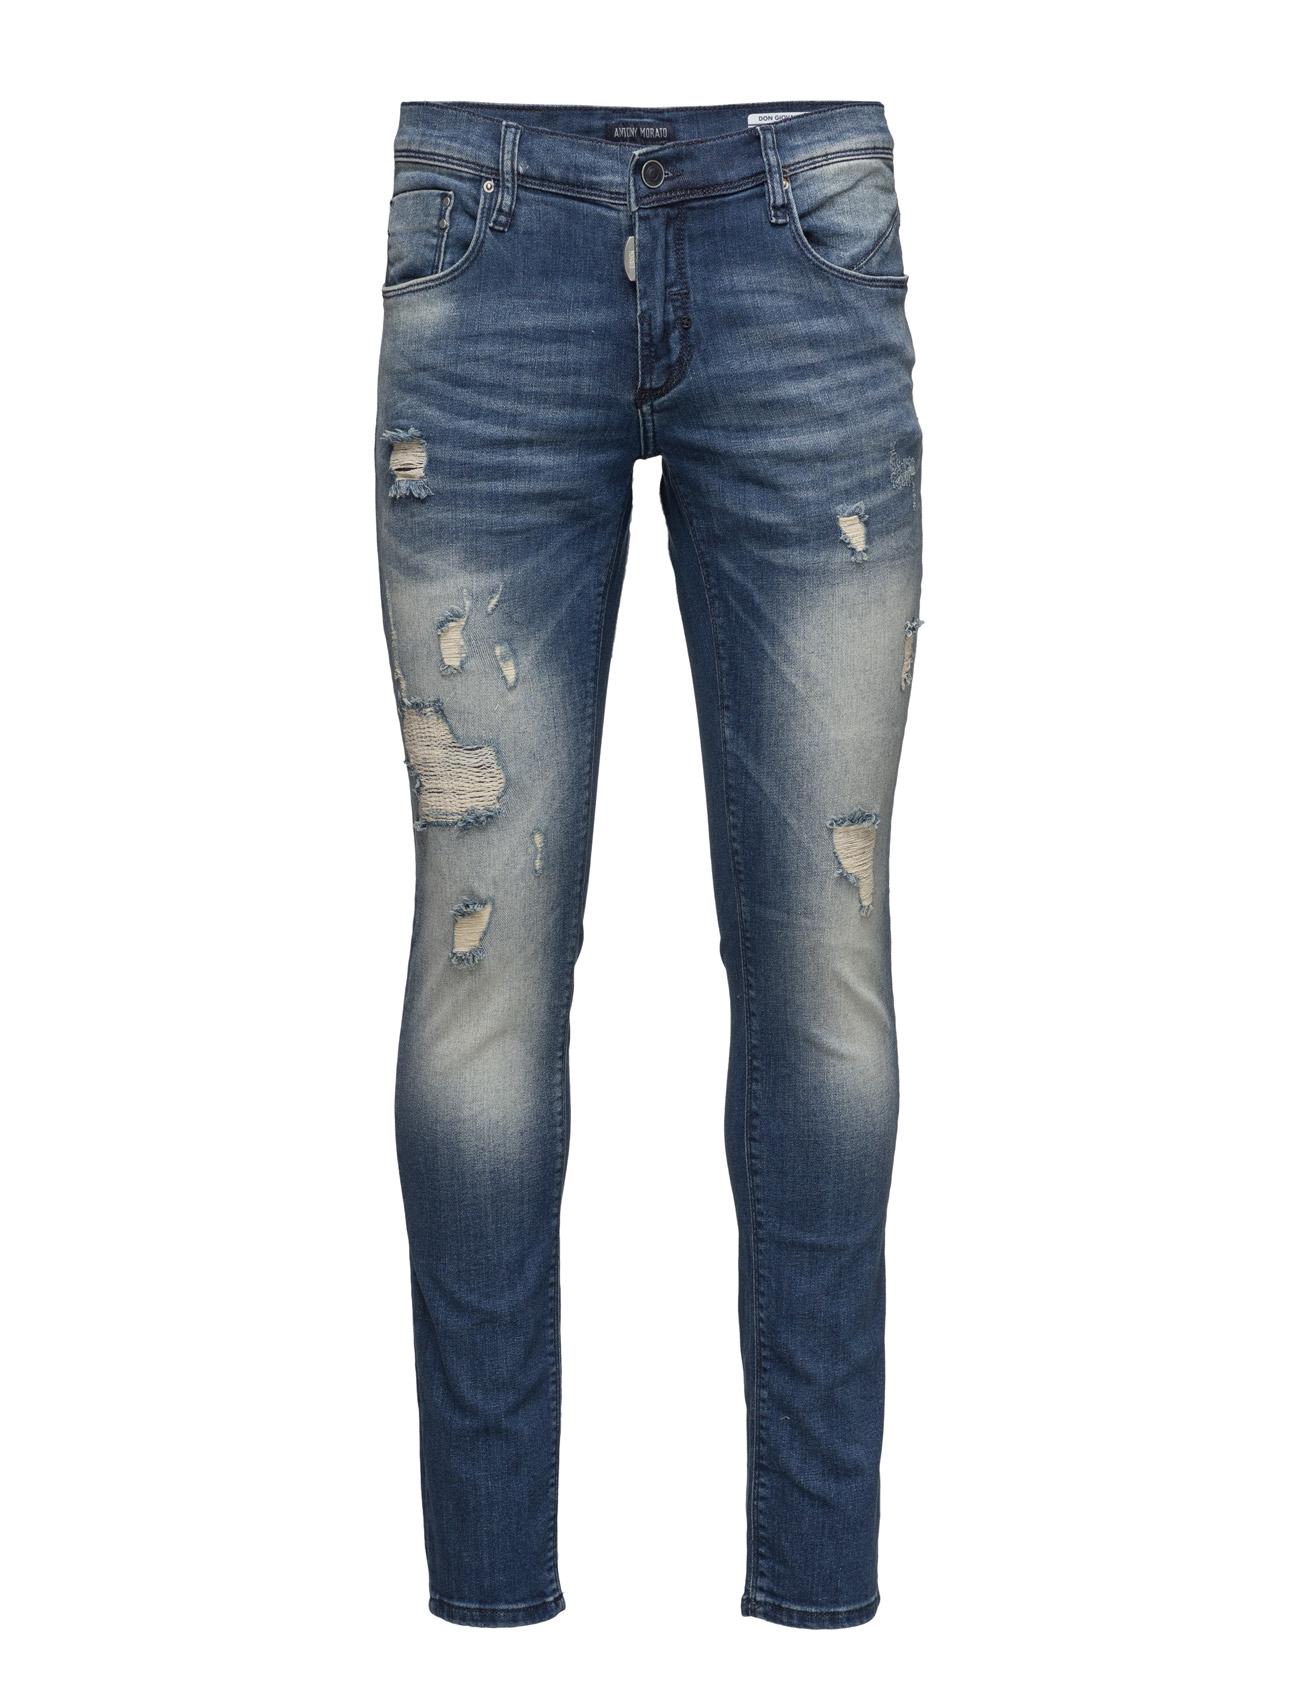 Mmdt00125 Antony Morato Jeans til Mænd i